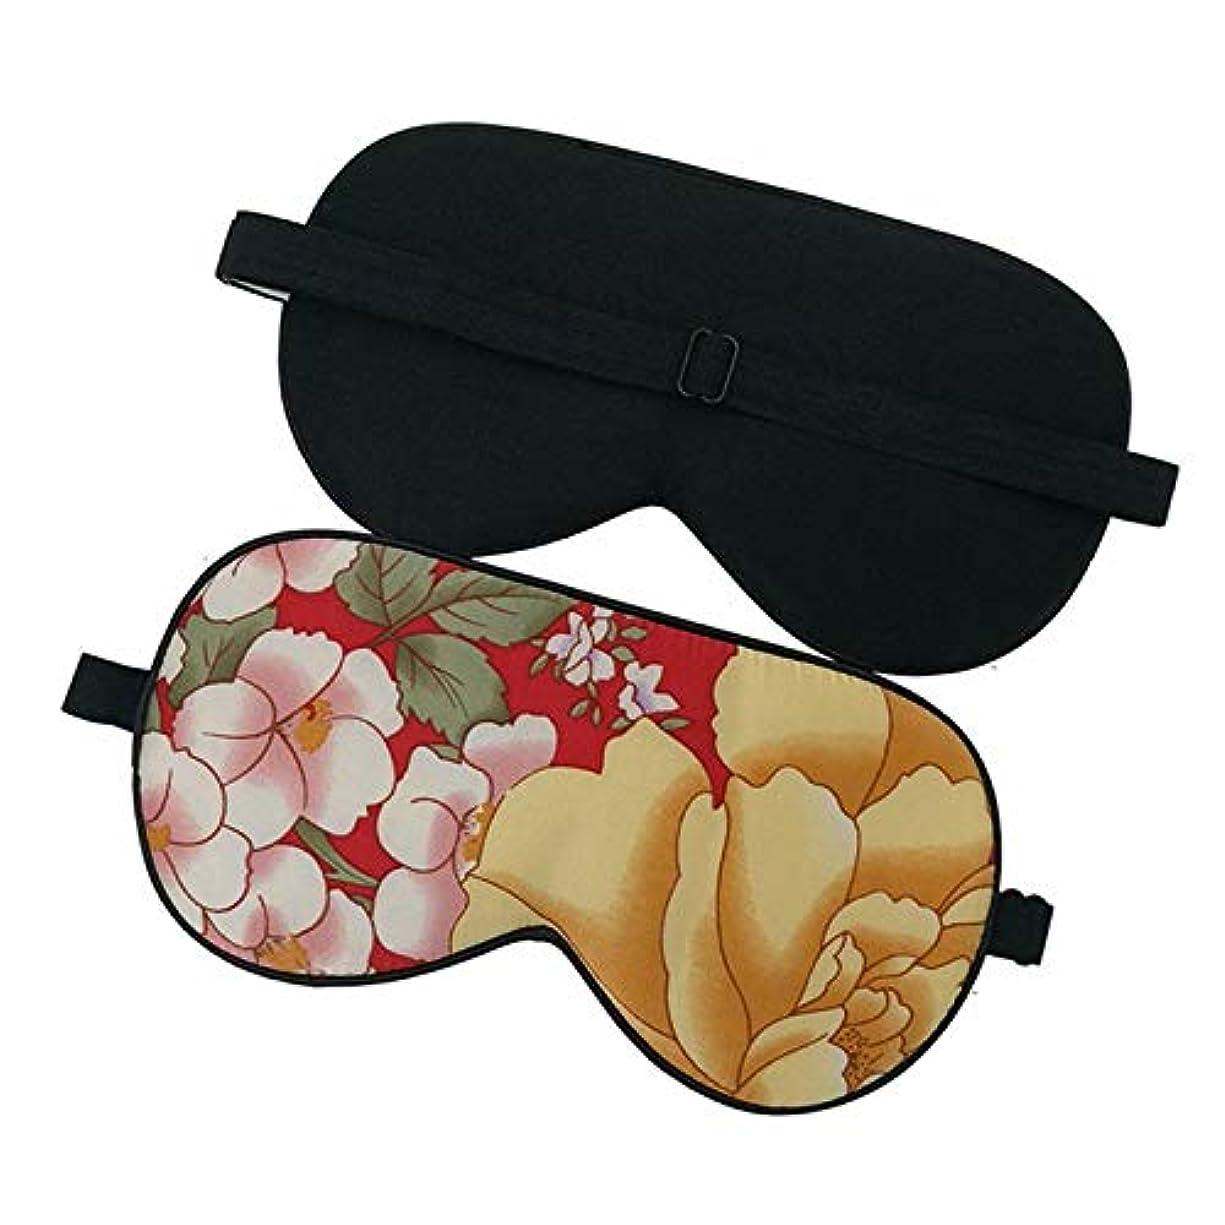 そこゲージ湿度NOTE 100%純粋なシルクスリープアイマスク花柄シルクアイシェードソフト目隠し旅行リラックスエイド調整可能な多色